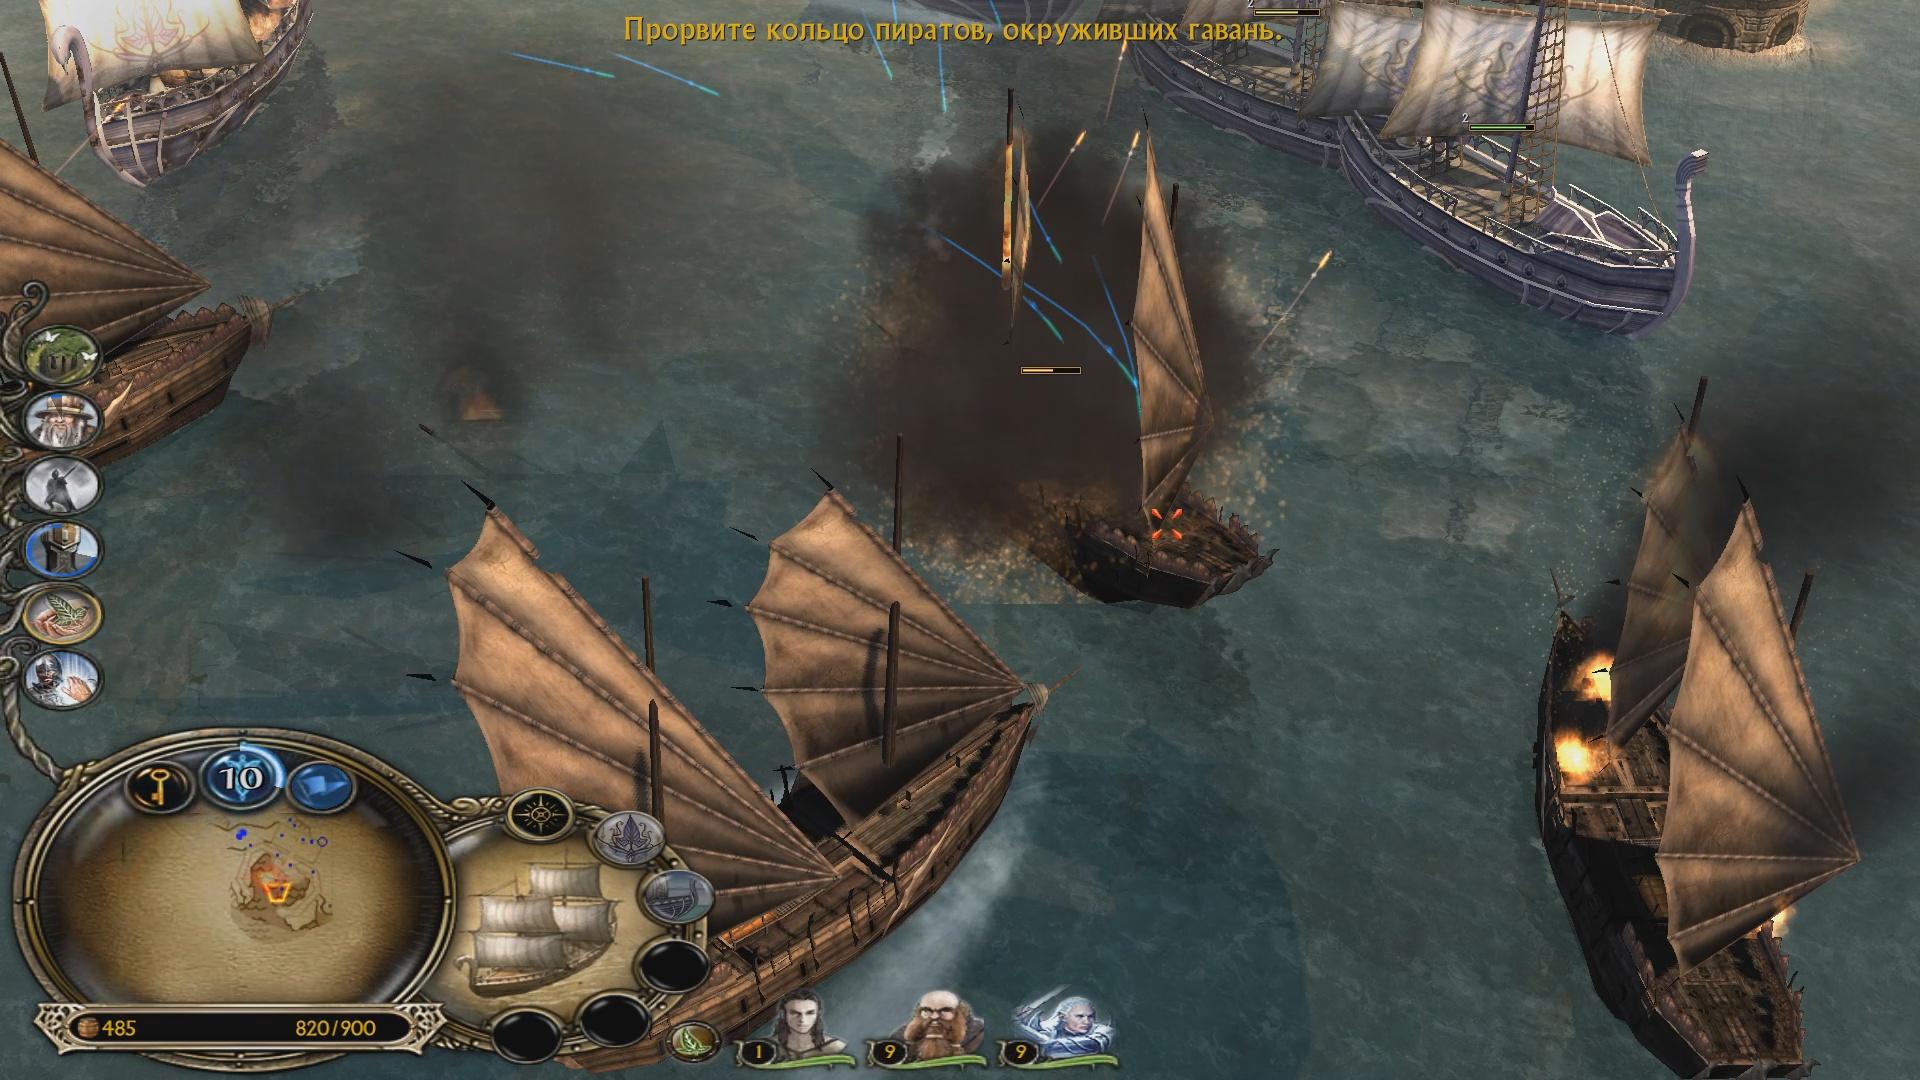 Ретроспективный обзор The Battle for Middle-Earth II | Битва за Средиземье 2. - Изображение 24